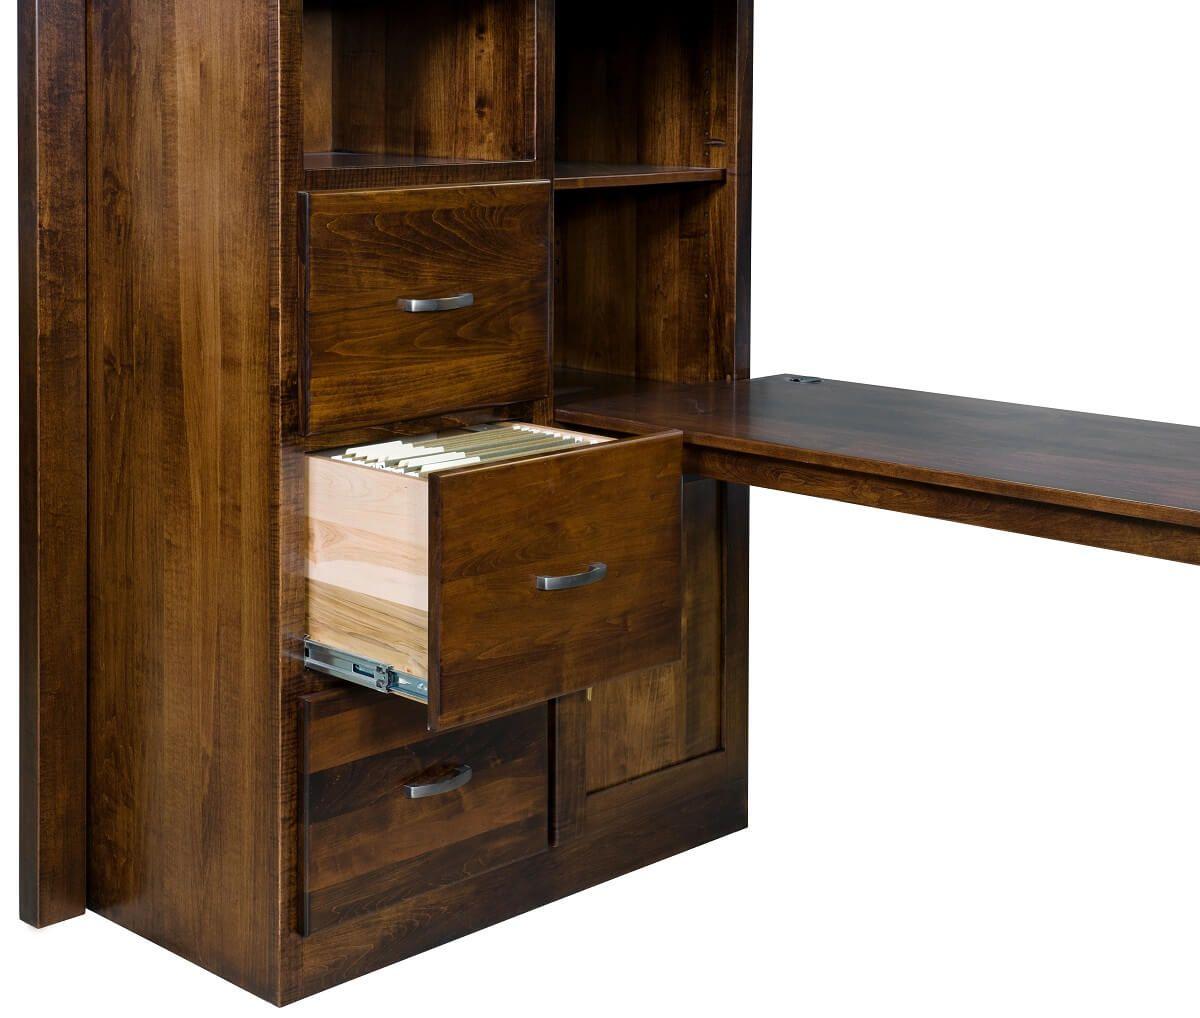 Hardwood Loft Bed with Desk